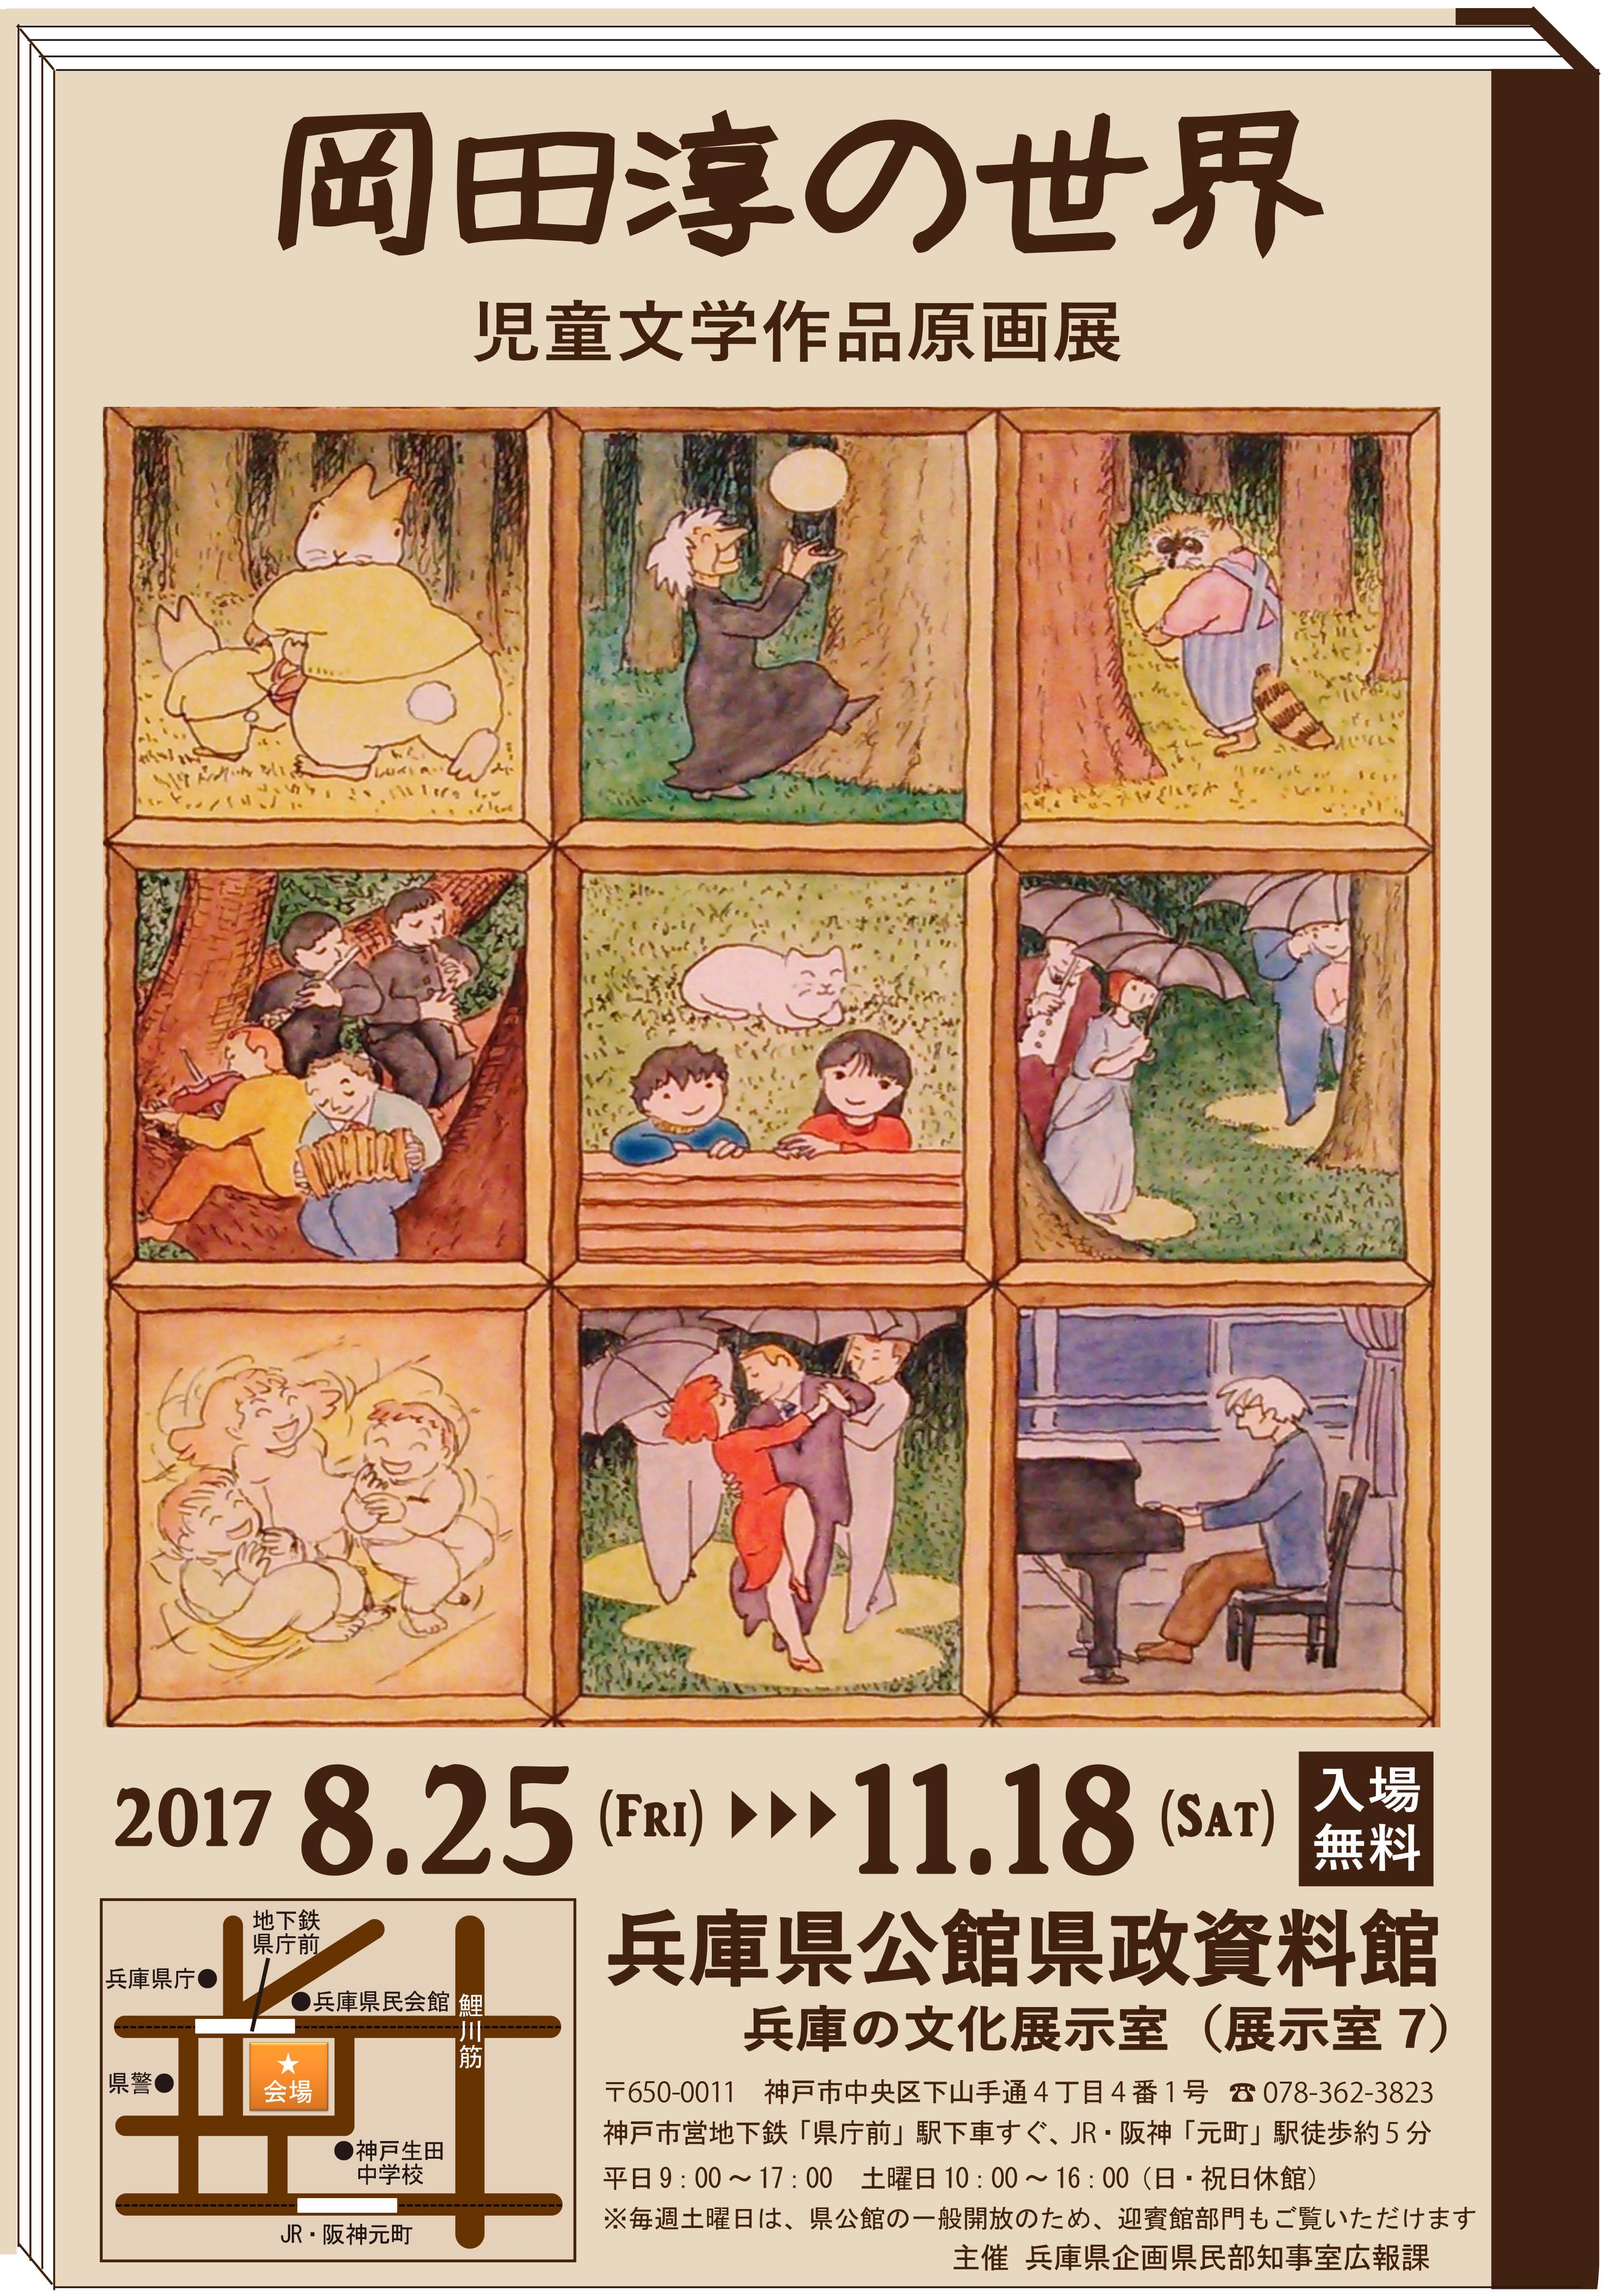 岡田淳の世界 -児童文学作品原画展-